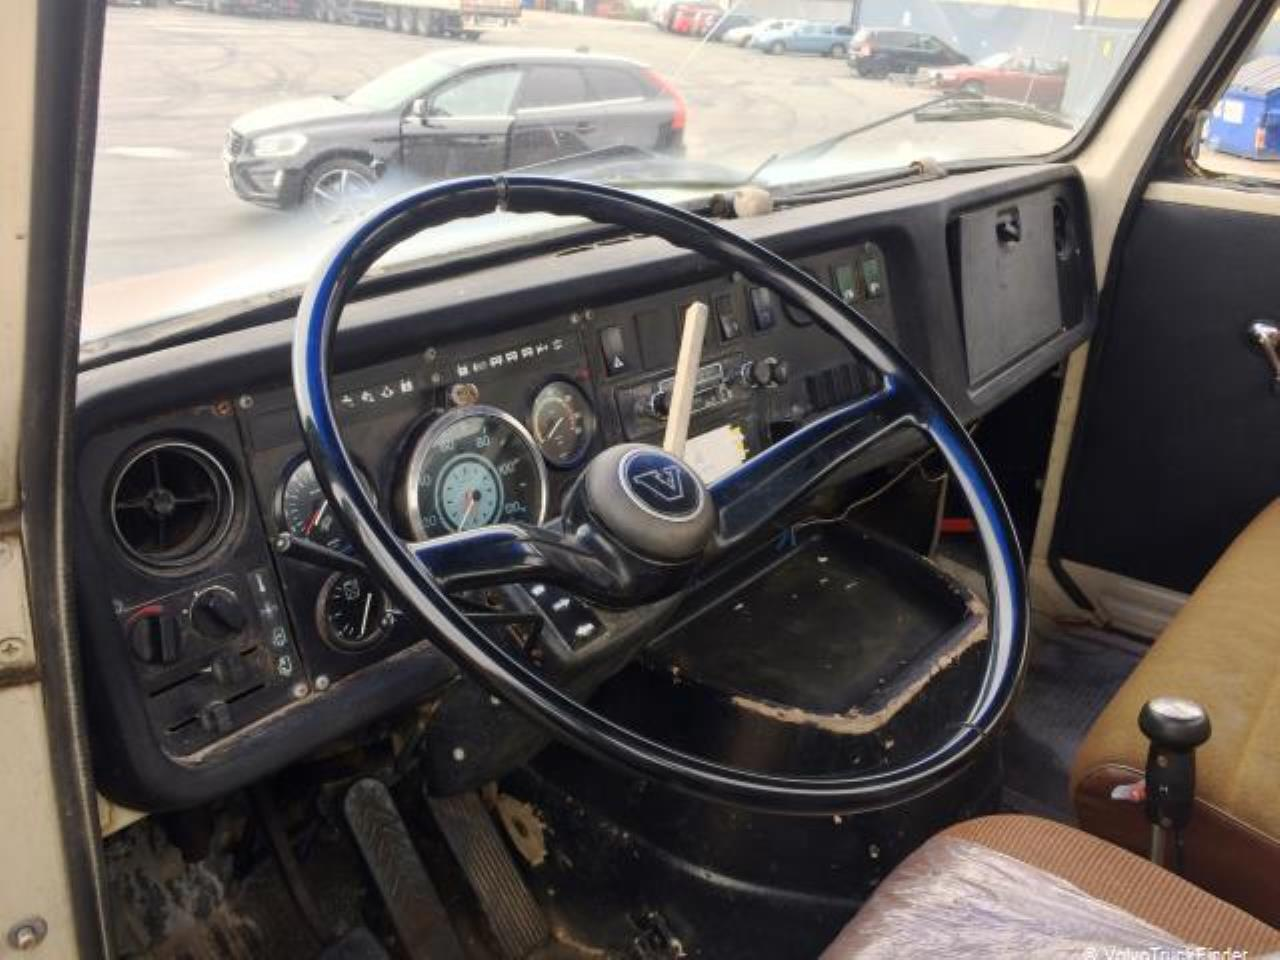 Volvo N7 1974 - Övrigt